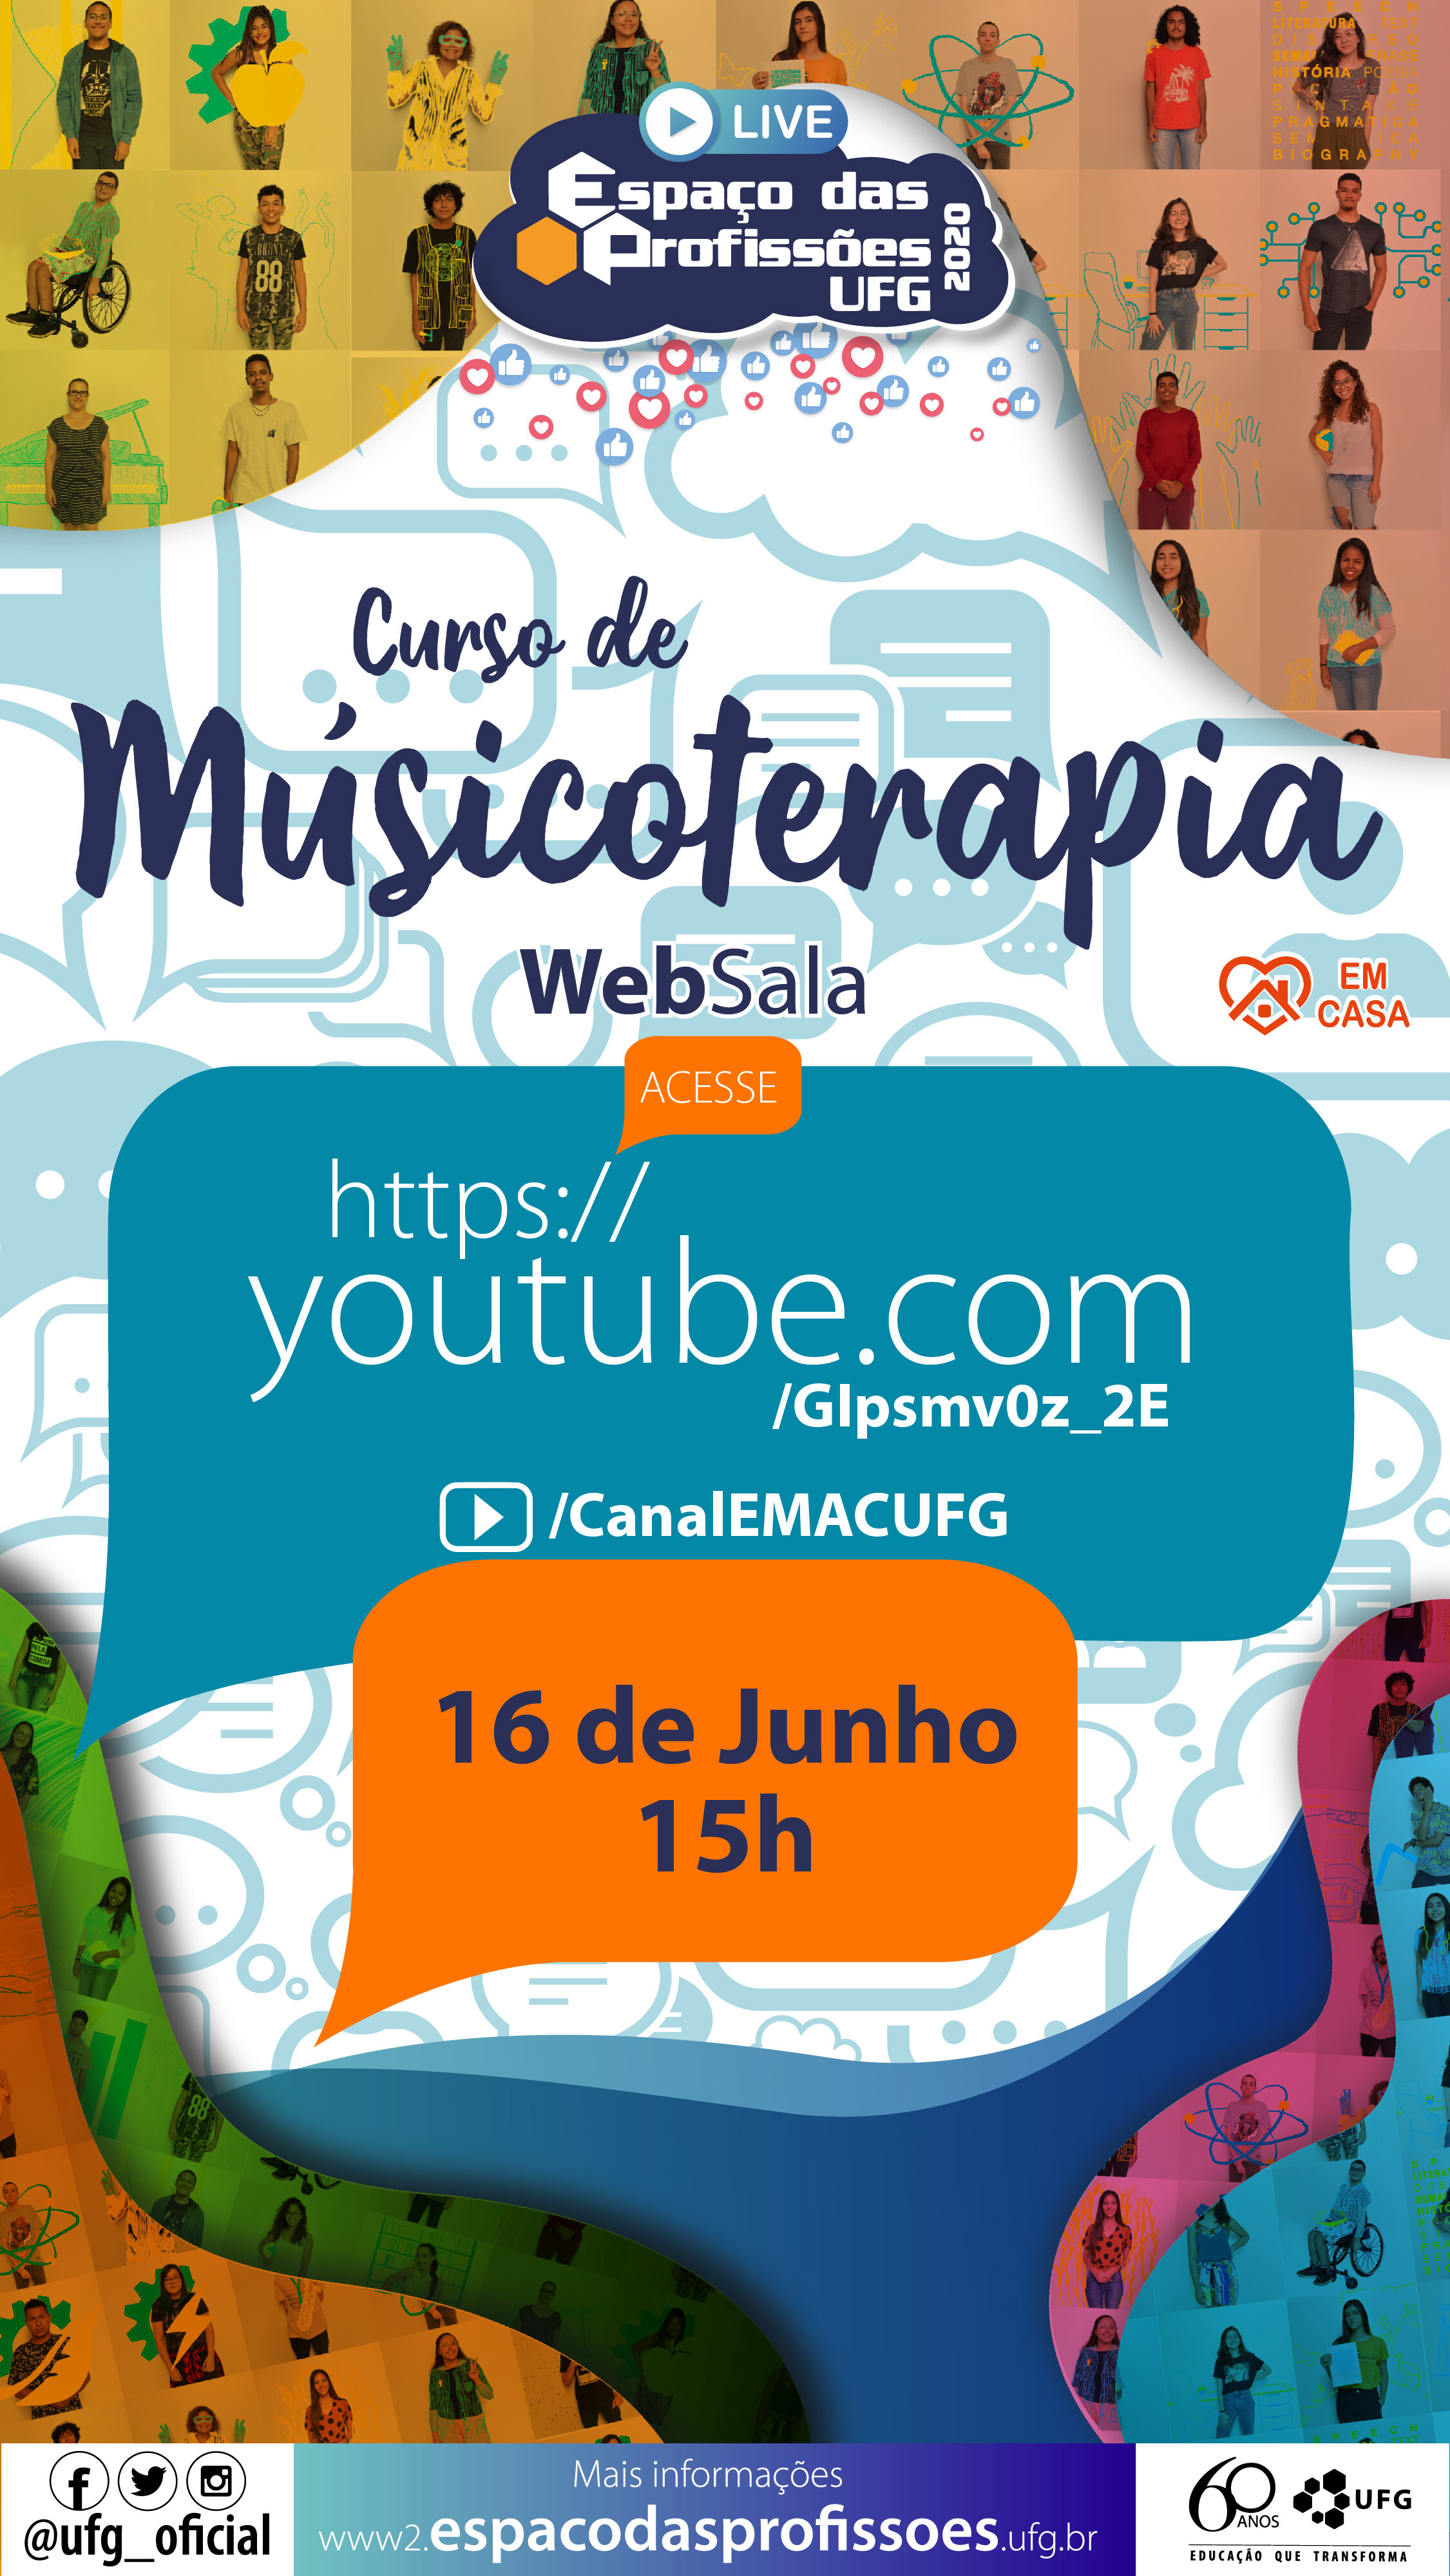 WEB SALAS YOUTUBE_MUSICOTERAPIA 2